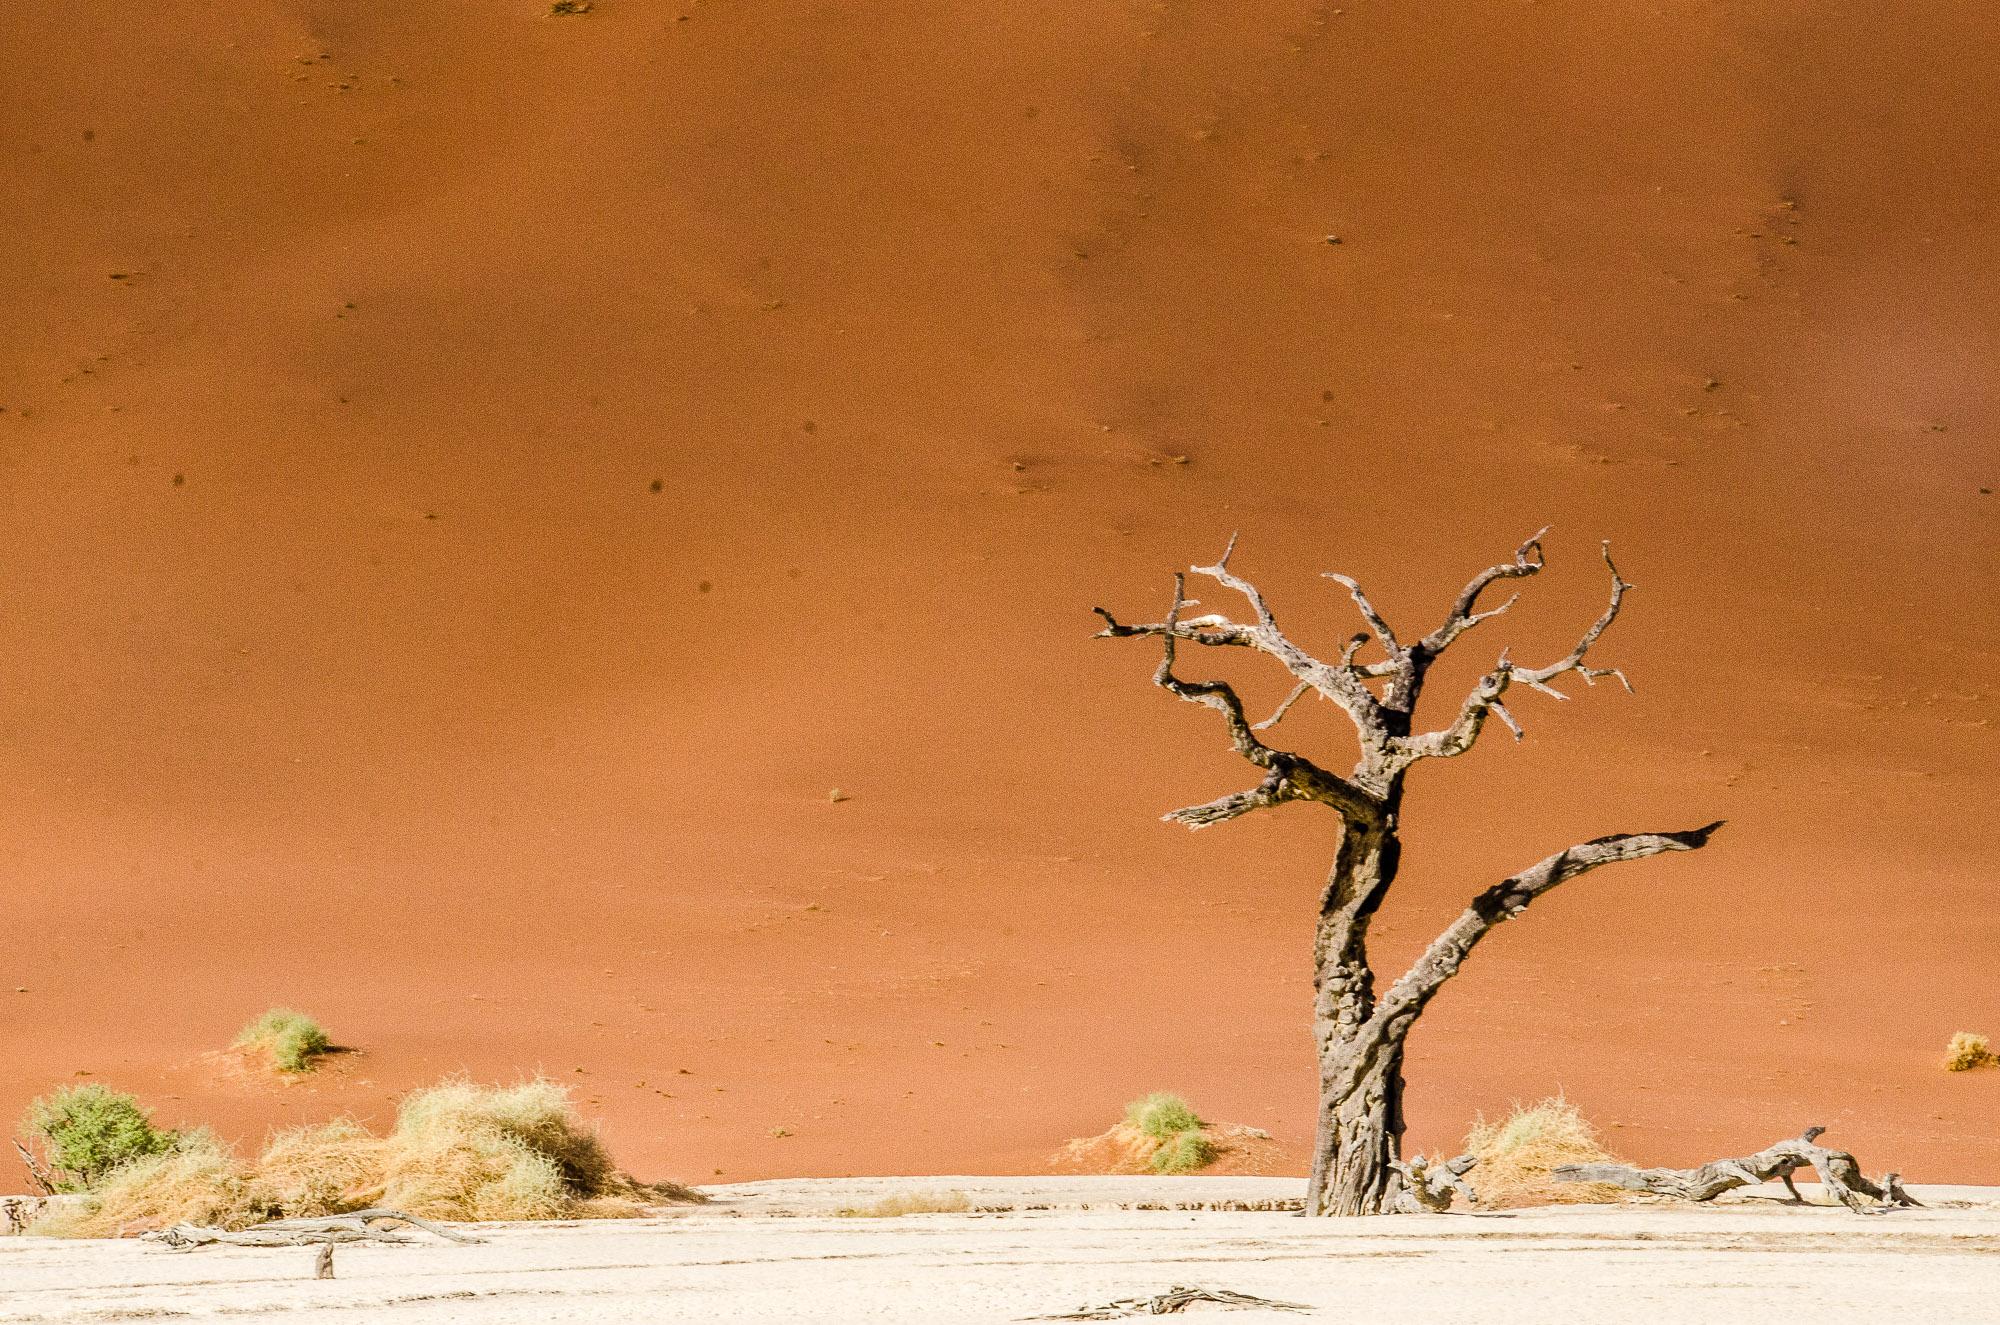 arbre petrifie dune 2 - deadvlei - le desert du namibie - afrique, namibie